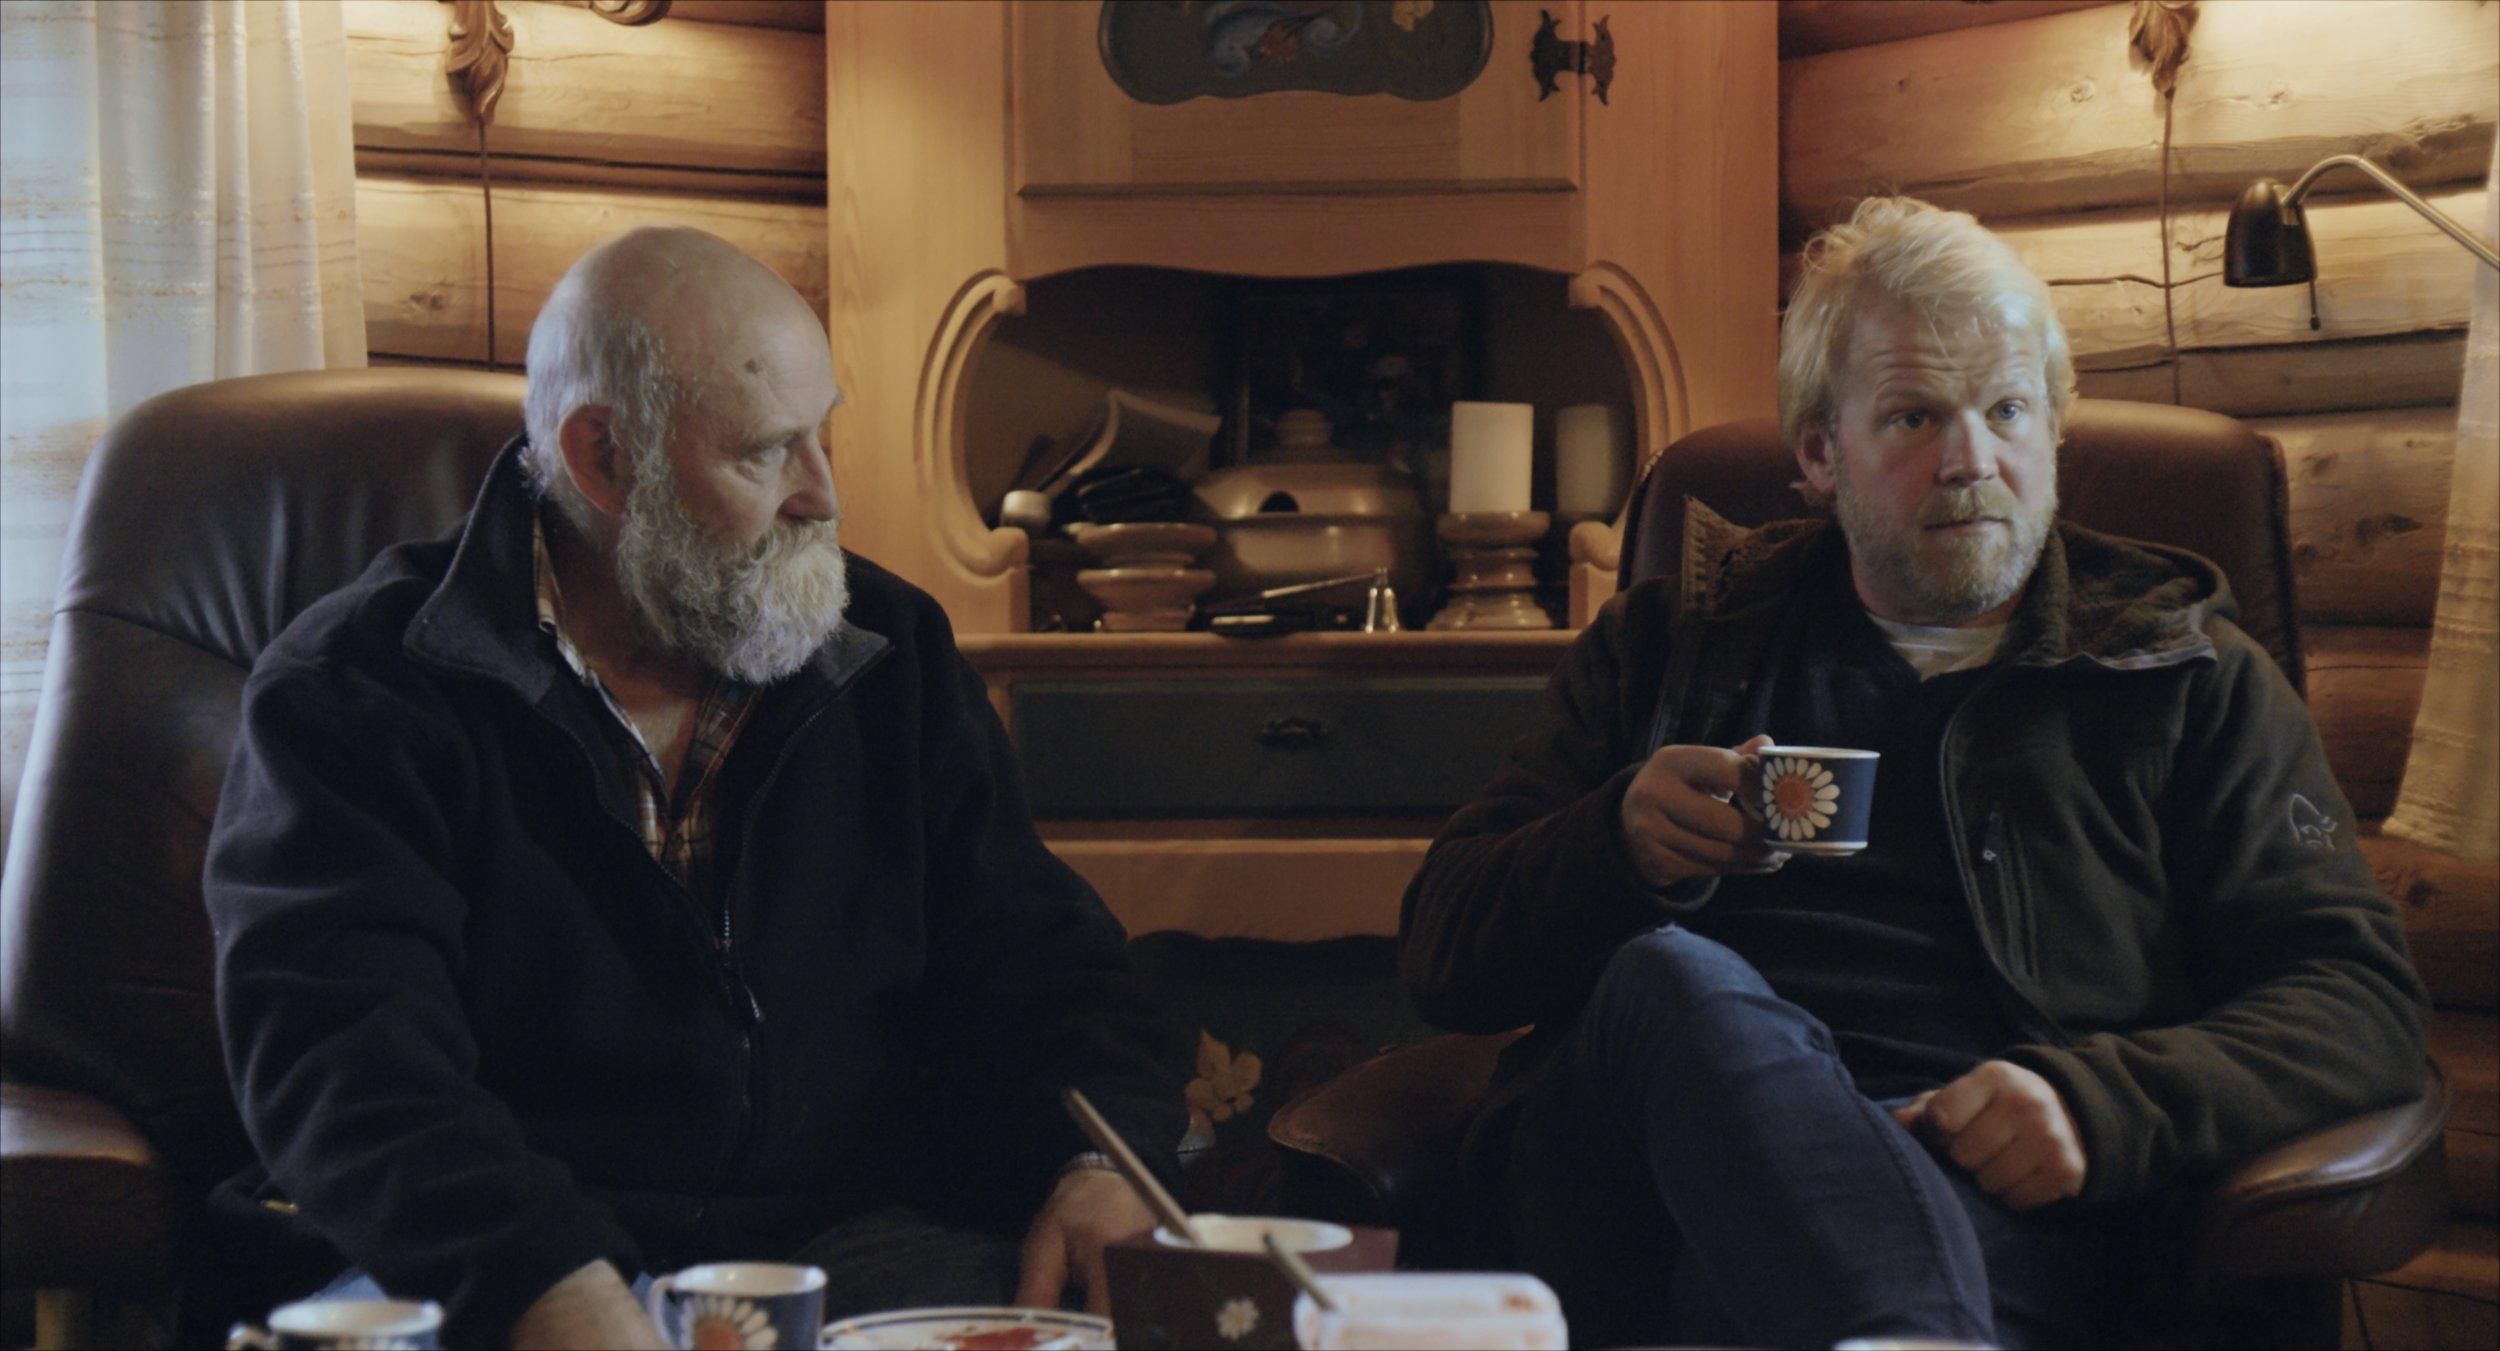 Bjarne Syversen som onkel Bjarne og Anders Baasmo Christiansen som Anders.